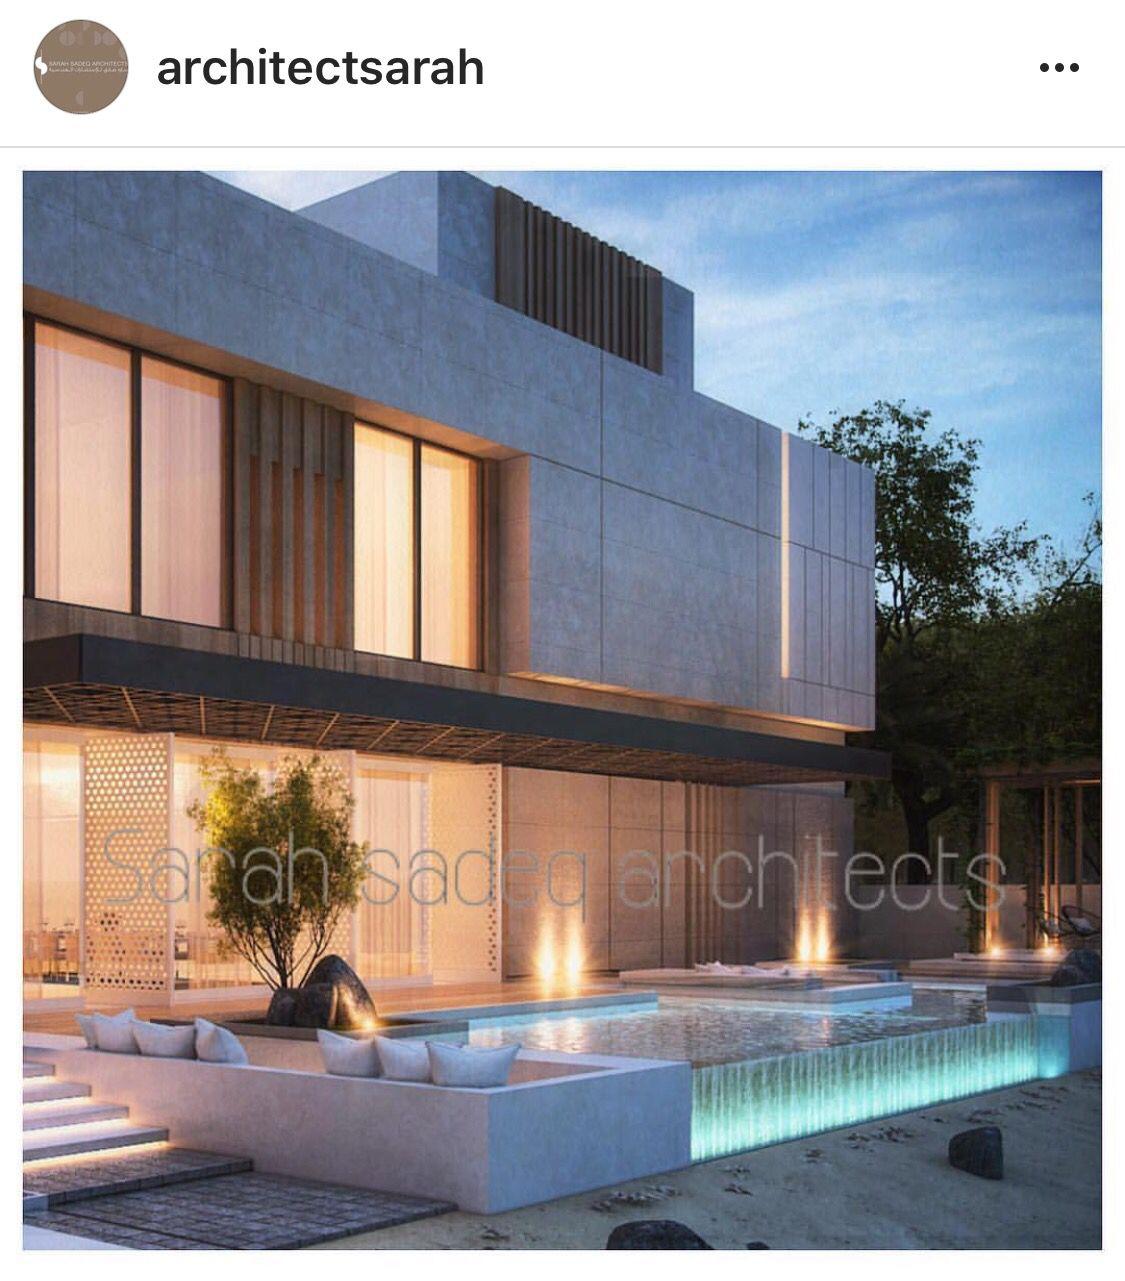 Jumaira Dubai , 2700 m , Sarah Sadeq architects | sarah sadeq ...